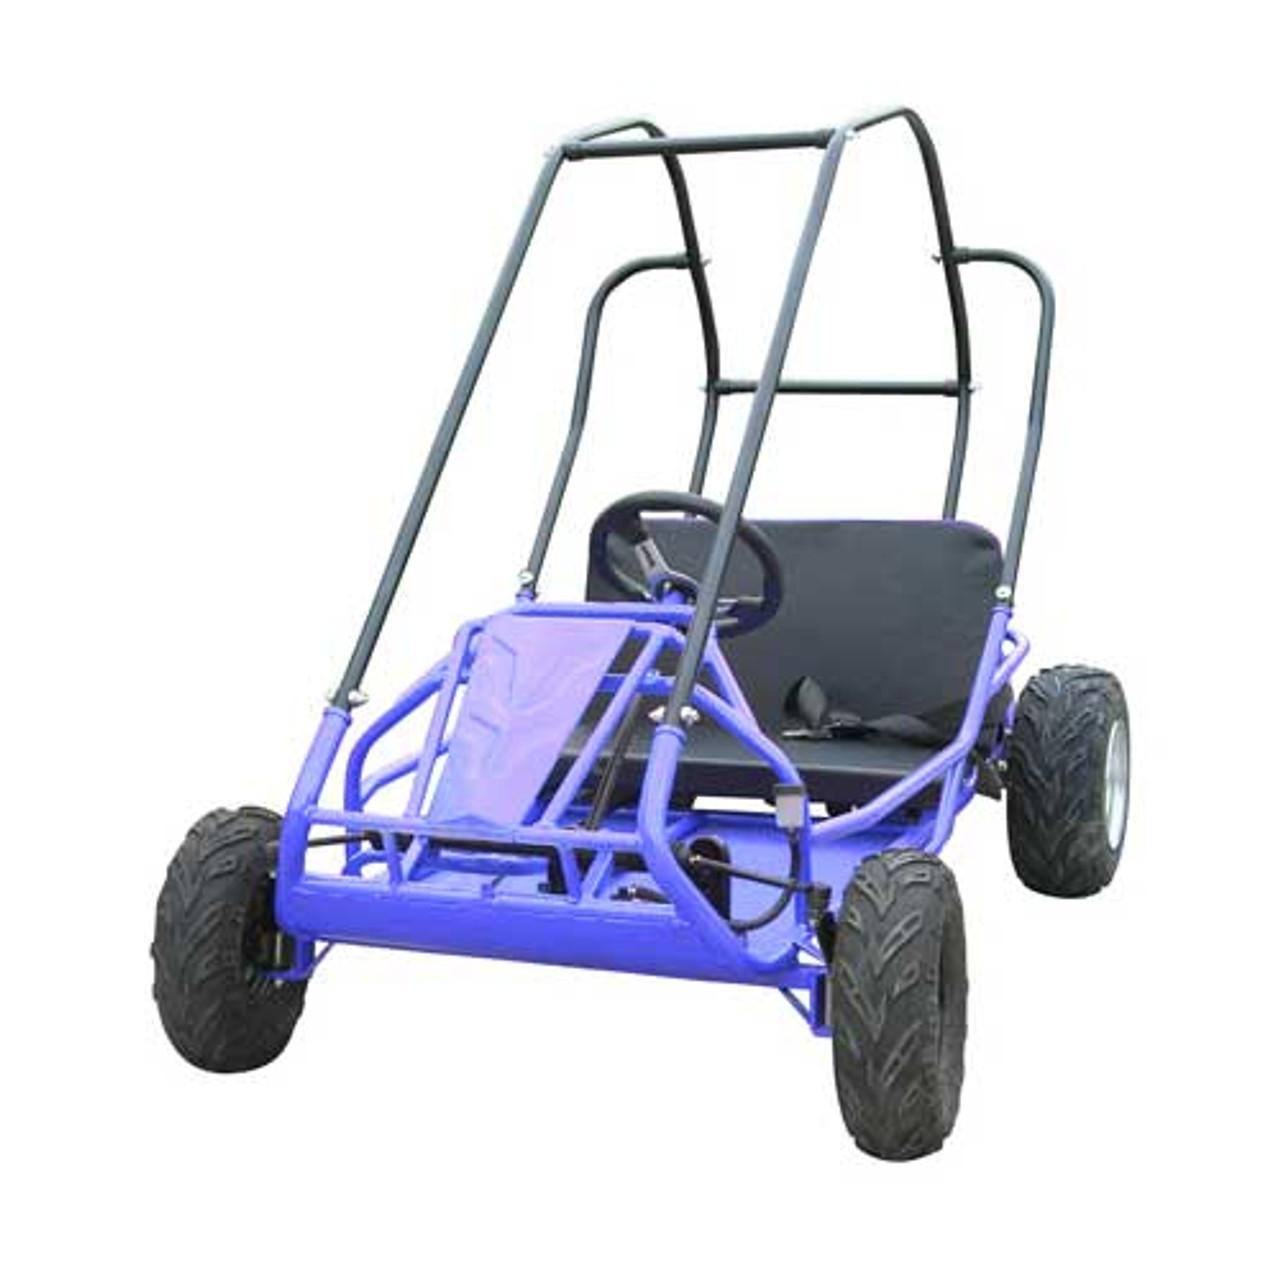 TrailMaster Mid XRS Go-Kart - Blue